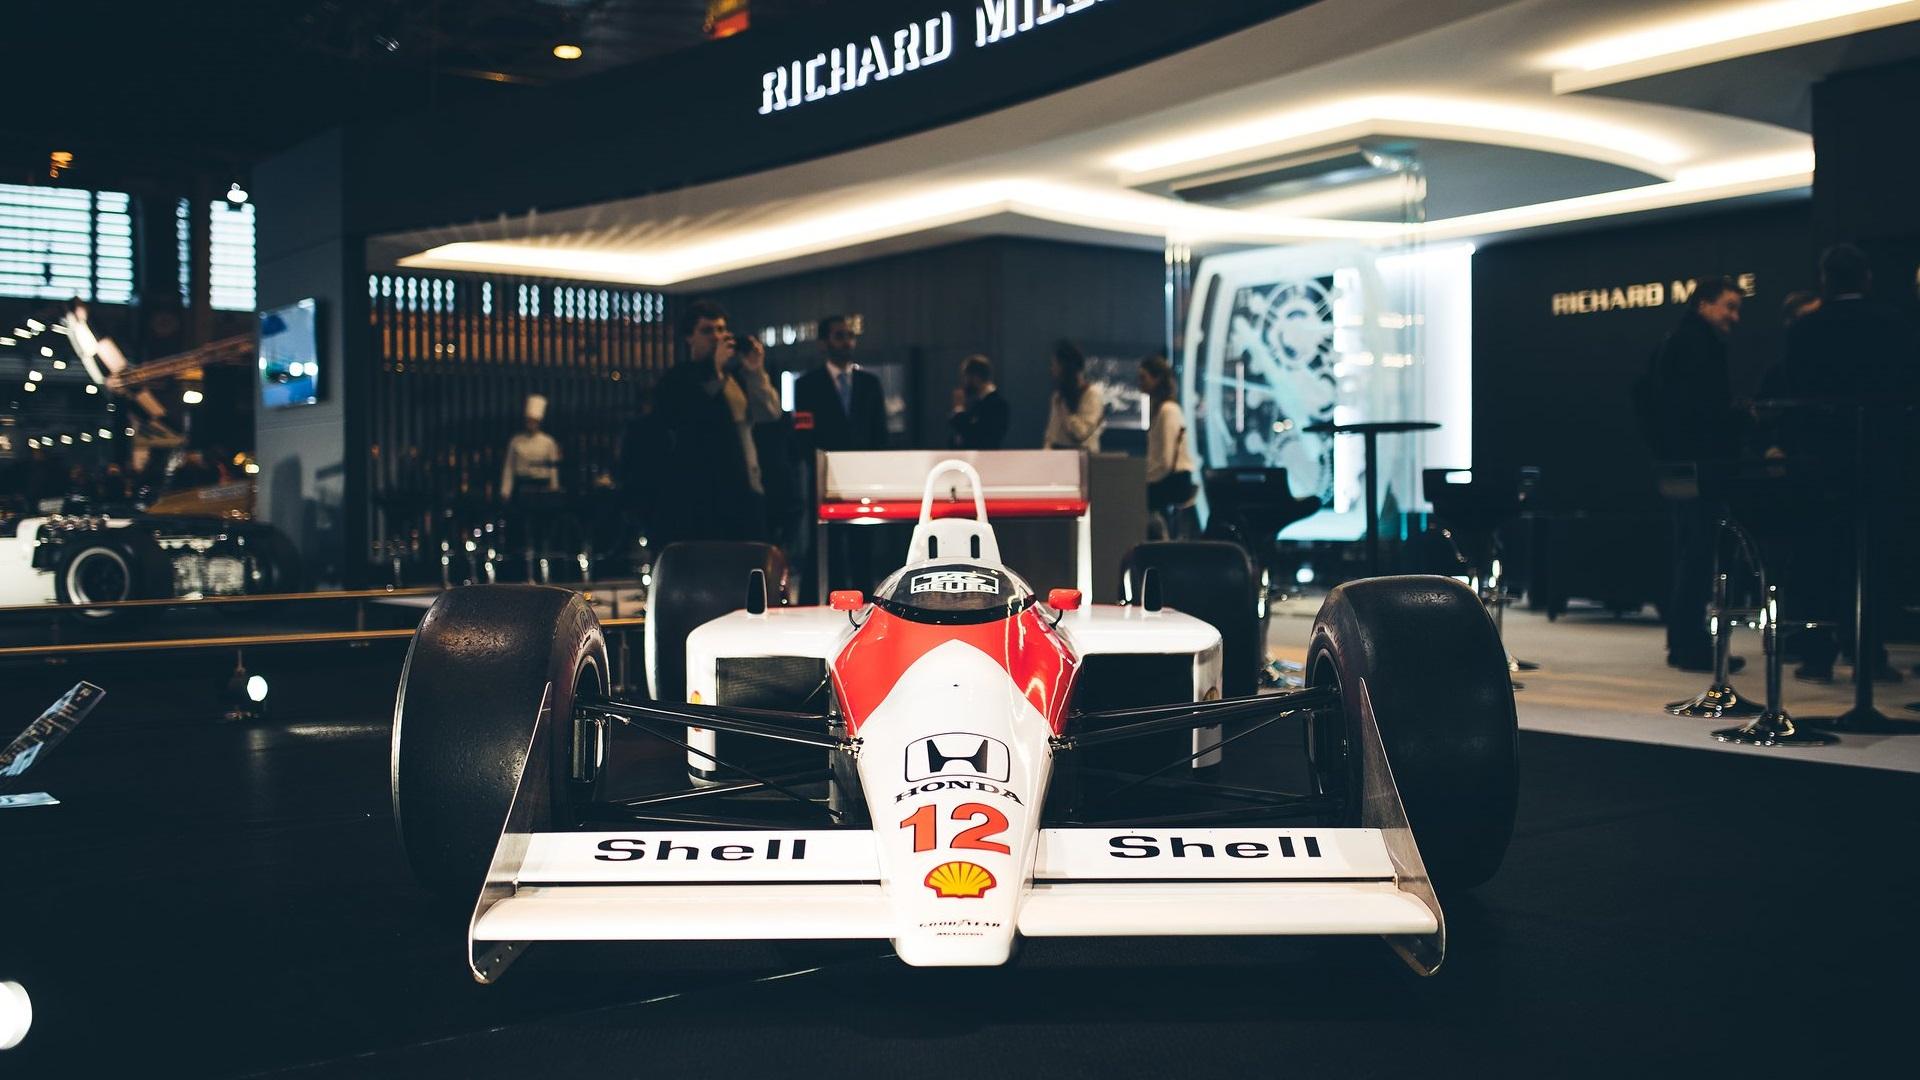 Fondos De Pantalla Mclaren F1 Ayrton Senna Autos De